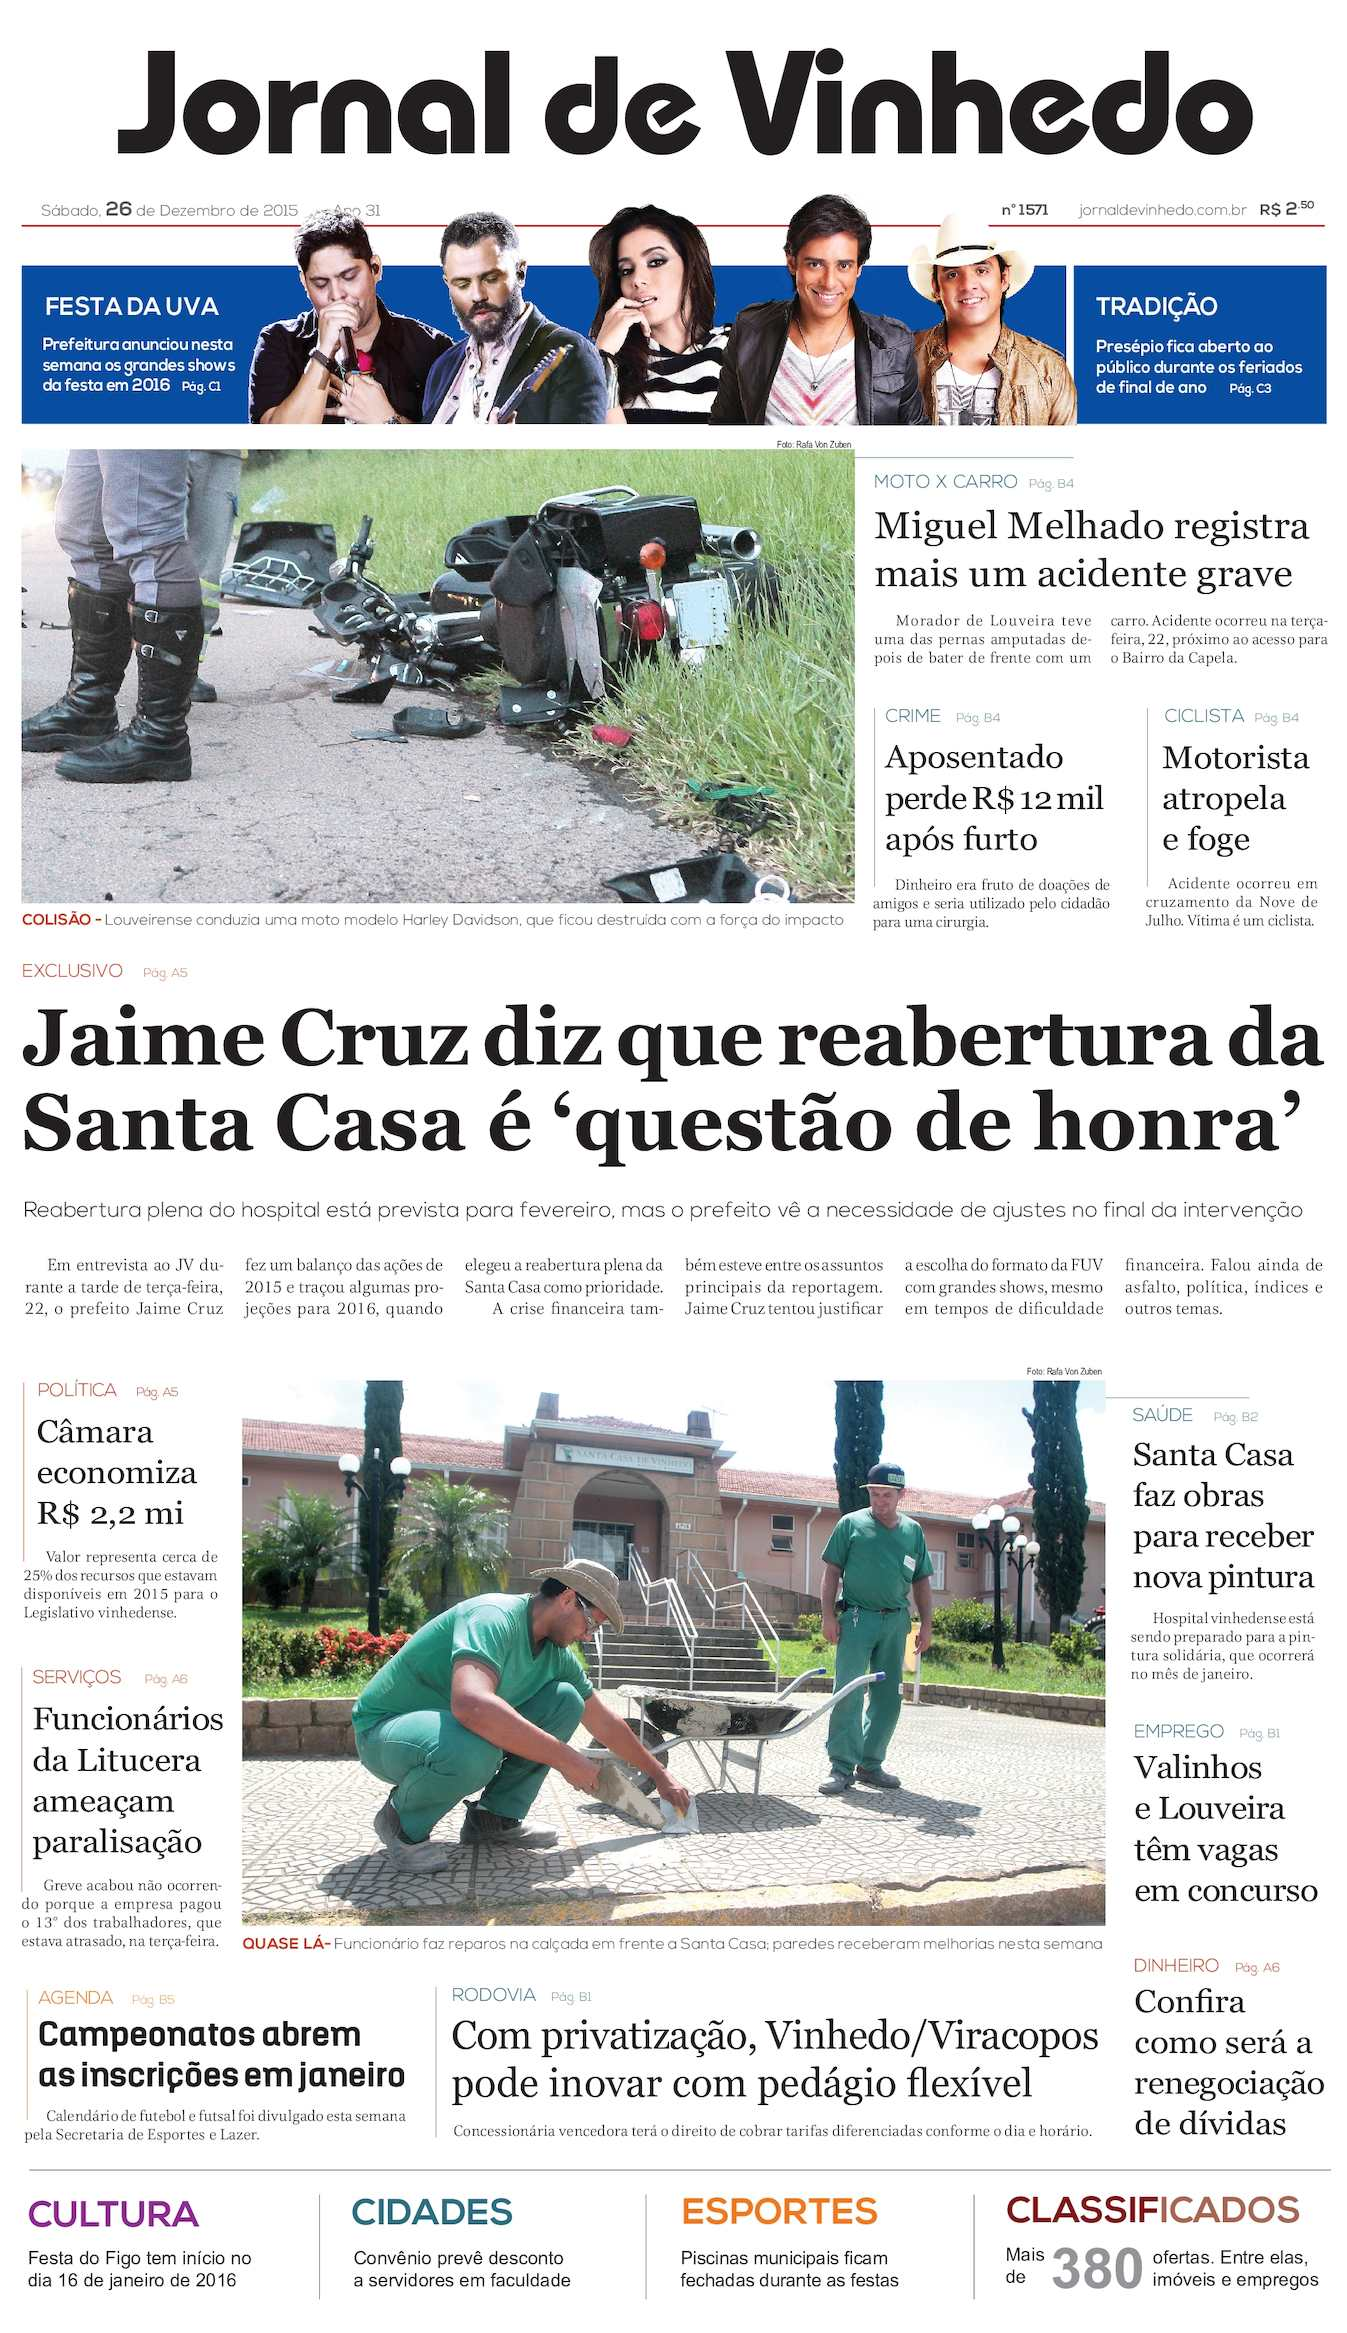 Calaméo - Jornal De Vinhedo Sábado 26 De Dezembro De 2015 Edic 1571 Ok 25404189948dc